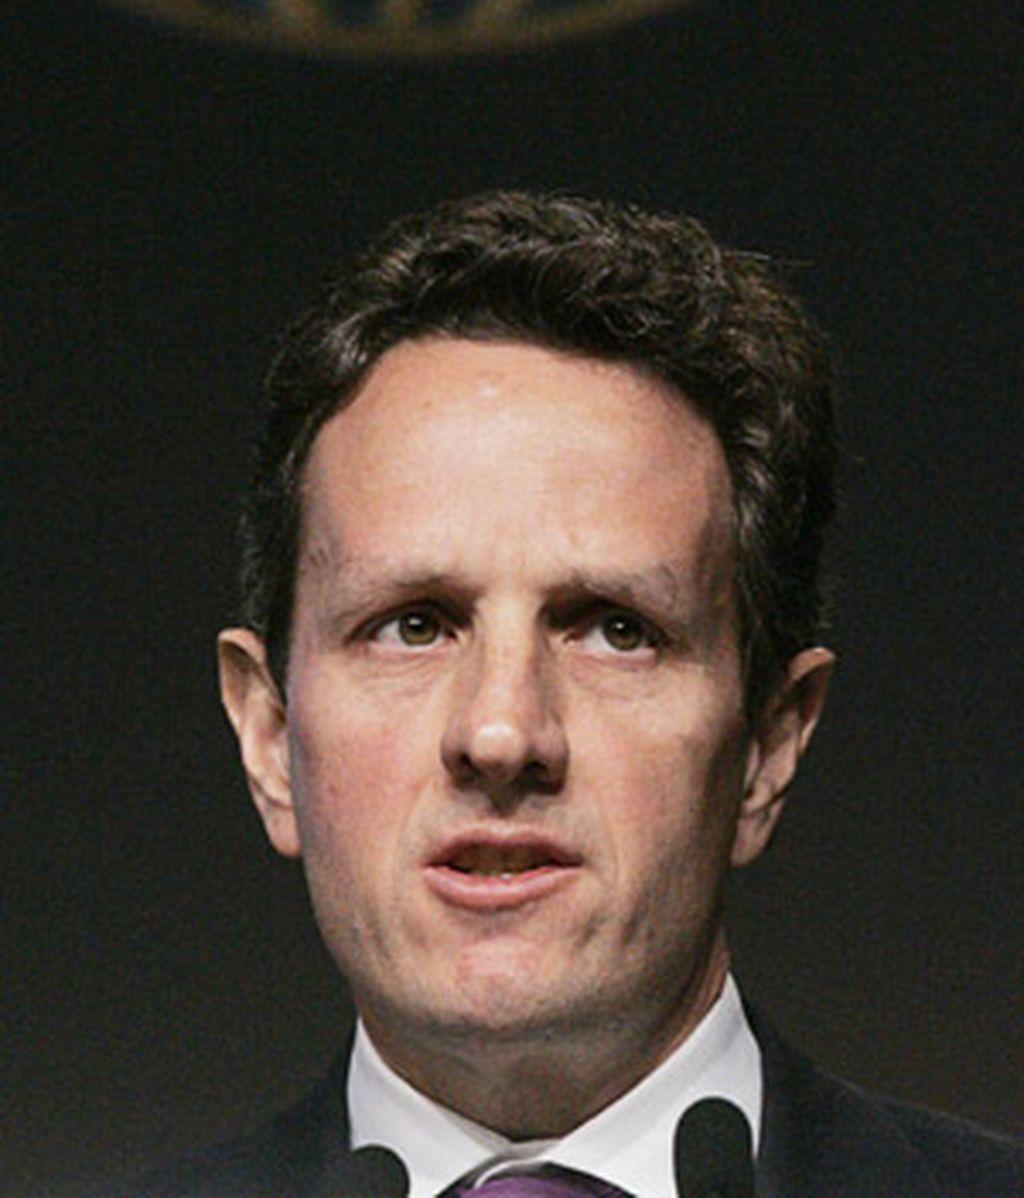 Timothy Geithner, nuevo secretario del Tesoro. Foto: AP.